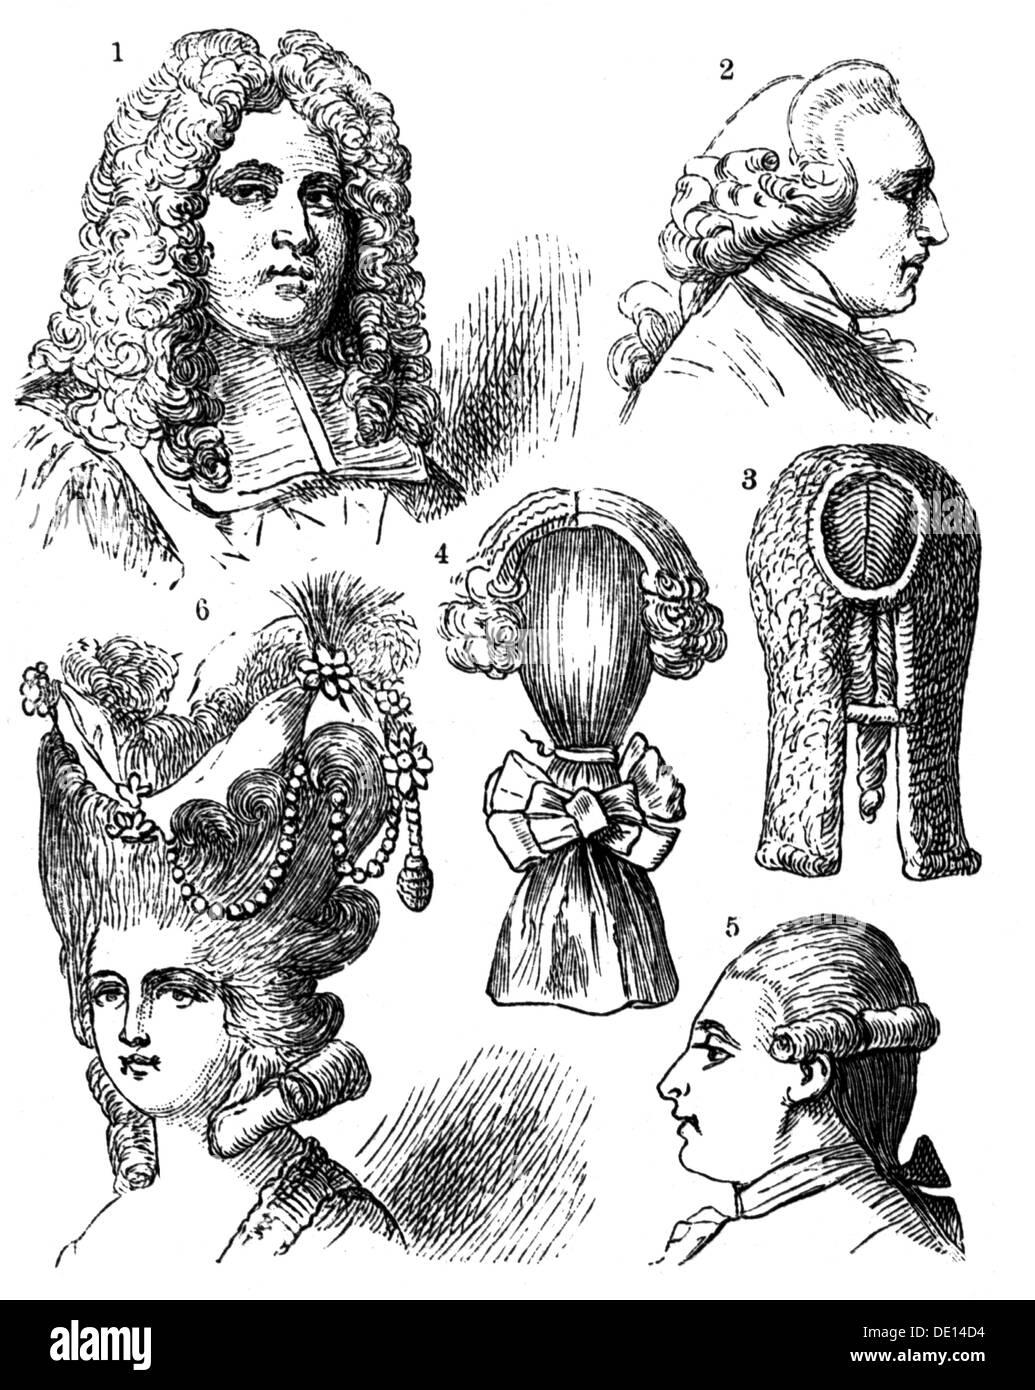 Mode Frisuren Verschiedene Perücke Holzstich 19 17 18 19